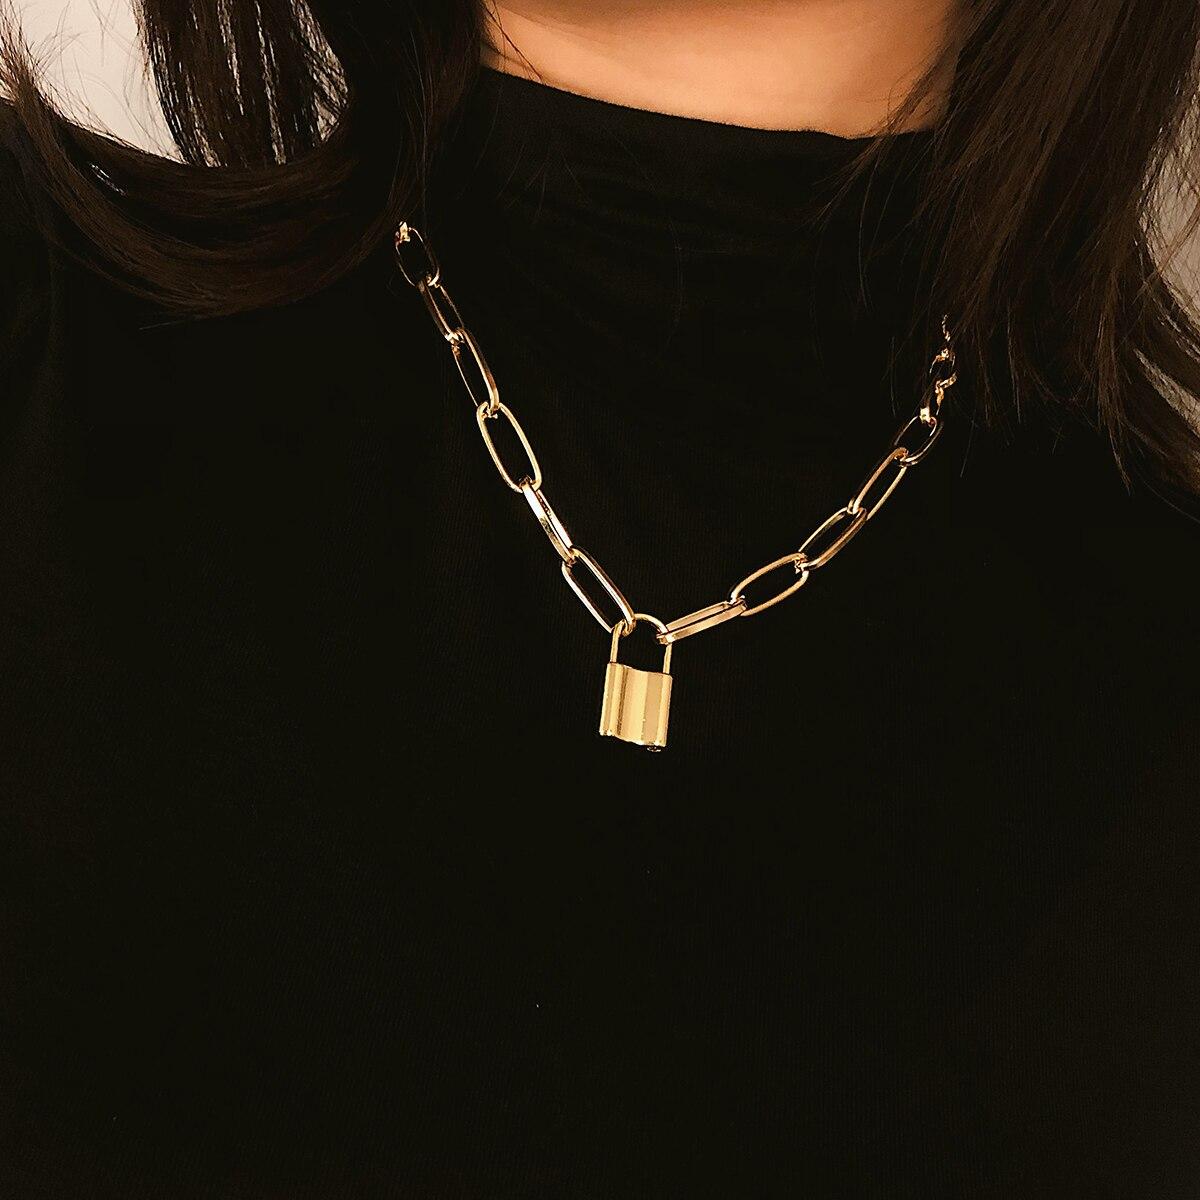 Ожерелье в стиле рок с замком, Женская цепочка золотого цвета, Панк готическое колье, ожерелье с воротником, массивное ожерелье с подвеской для женщин, ювелирное изделие, подарок|Цепочки|   | АлиЭкспресс - Я б купила